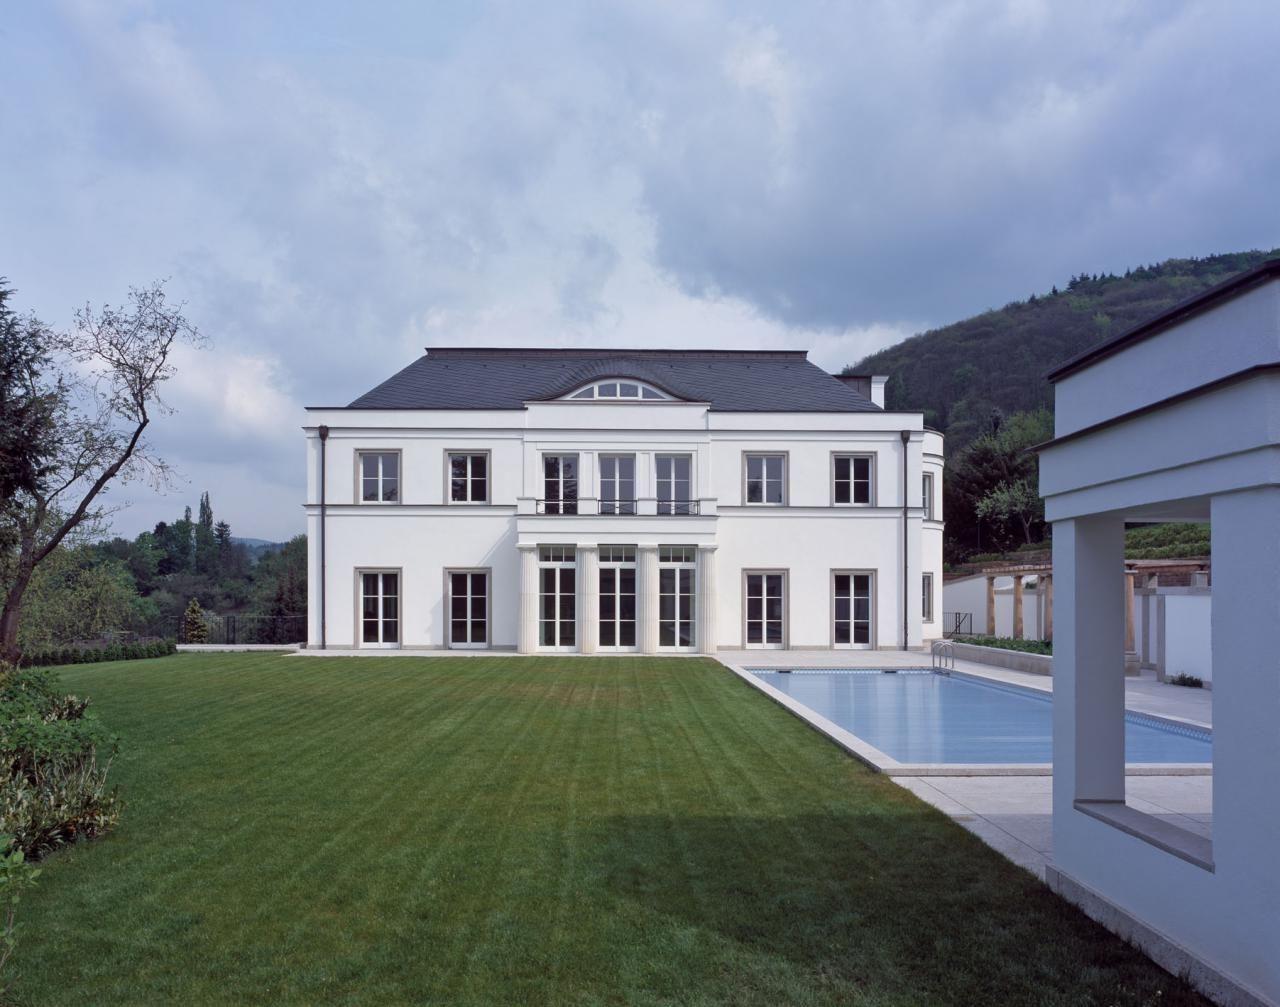 Haus a in heidelberg petra und paul kahlfeldt for Innenarchitektur heidelberg